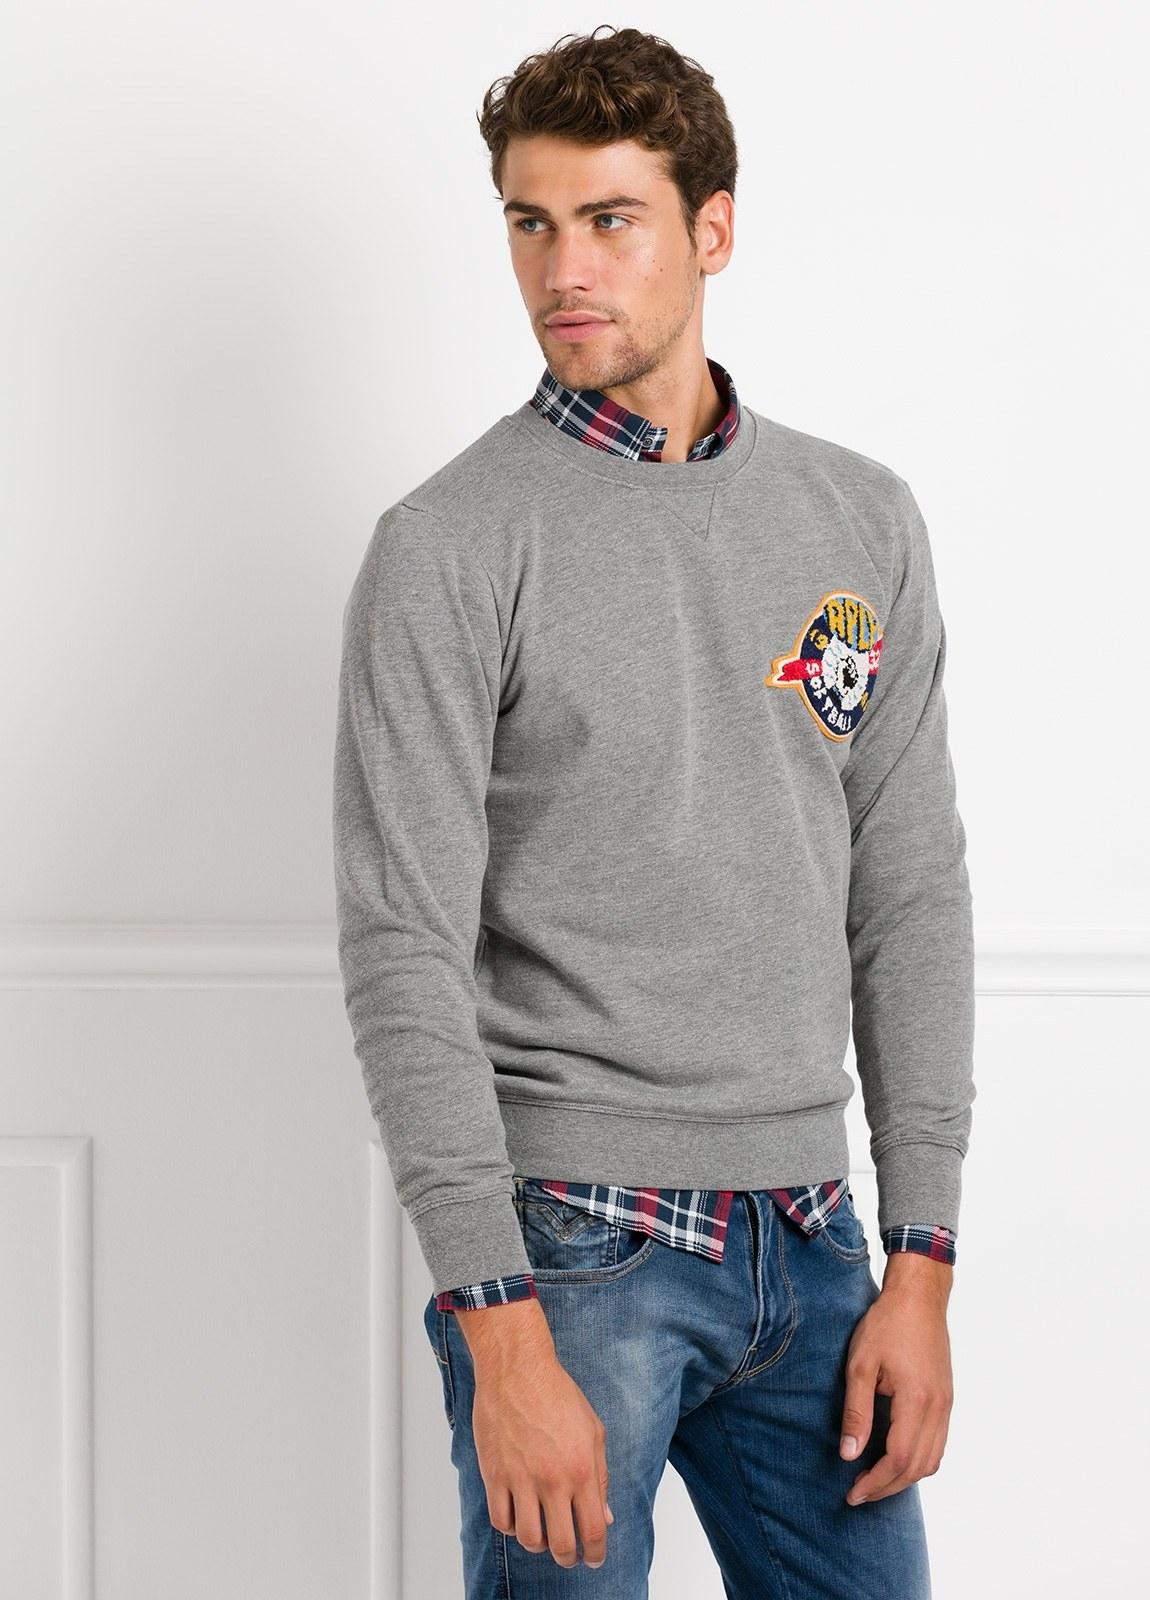 Sudadera cuello redondo, color gris con logotipo estampado en el pecho. 100% Algodón.